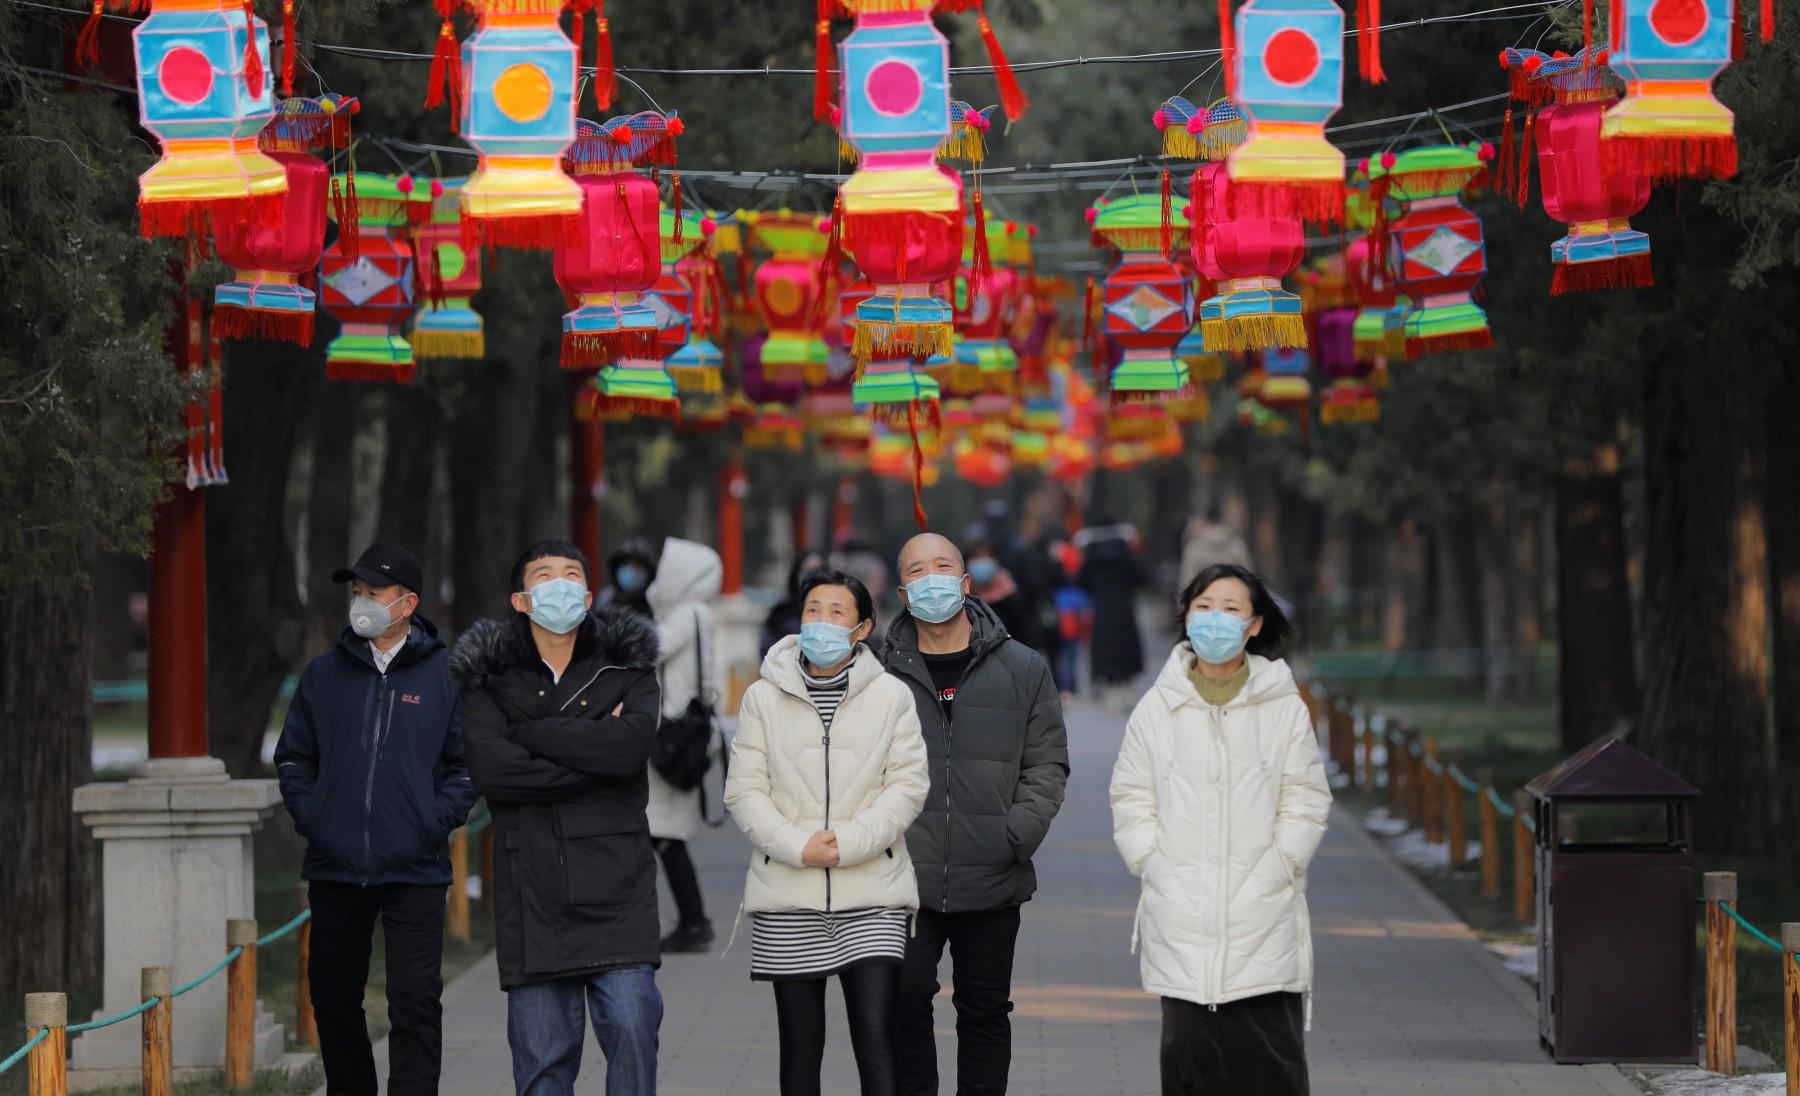 Νέος κοροναϊός: Σε καραντίνα δέκα πόλεις στη Κίνα